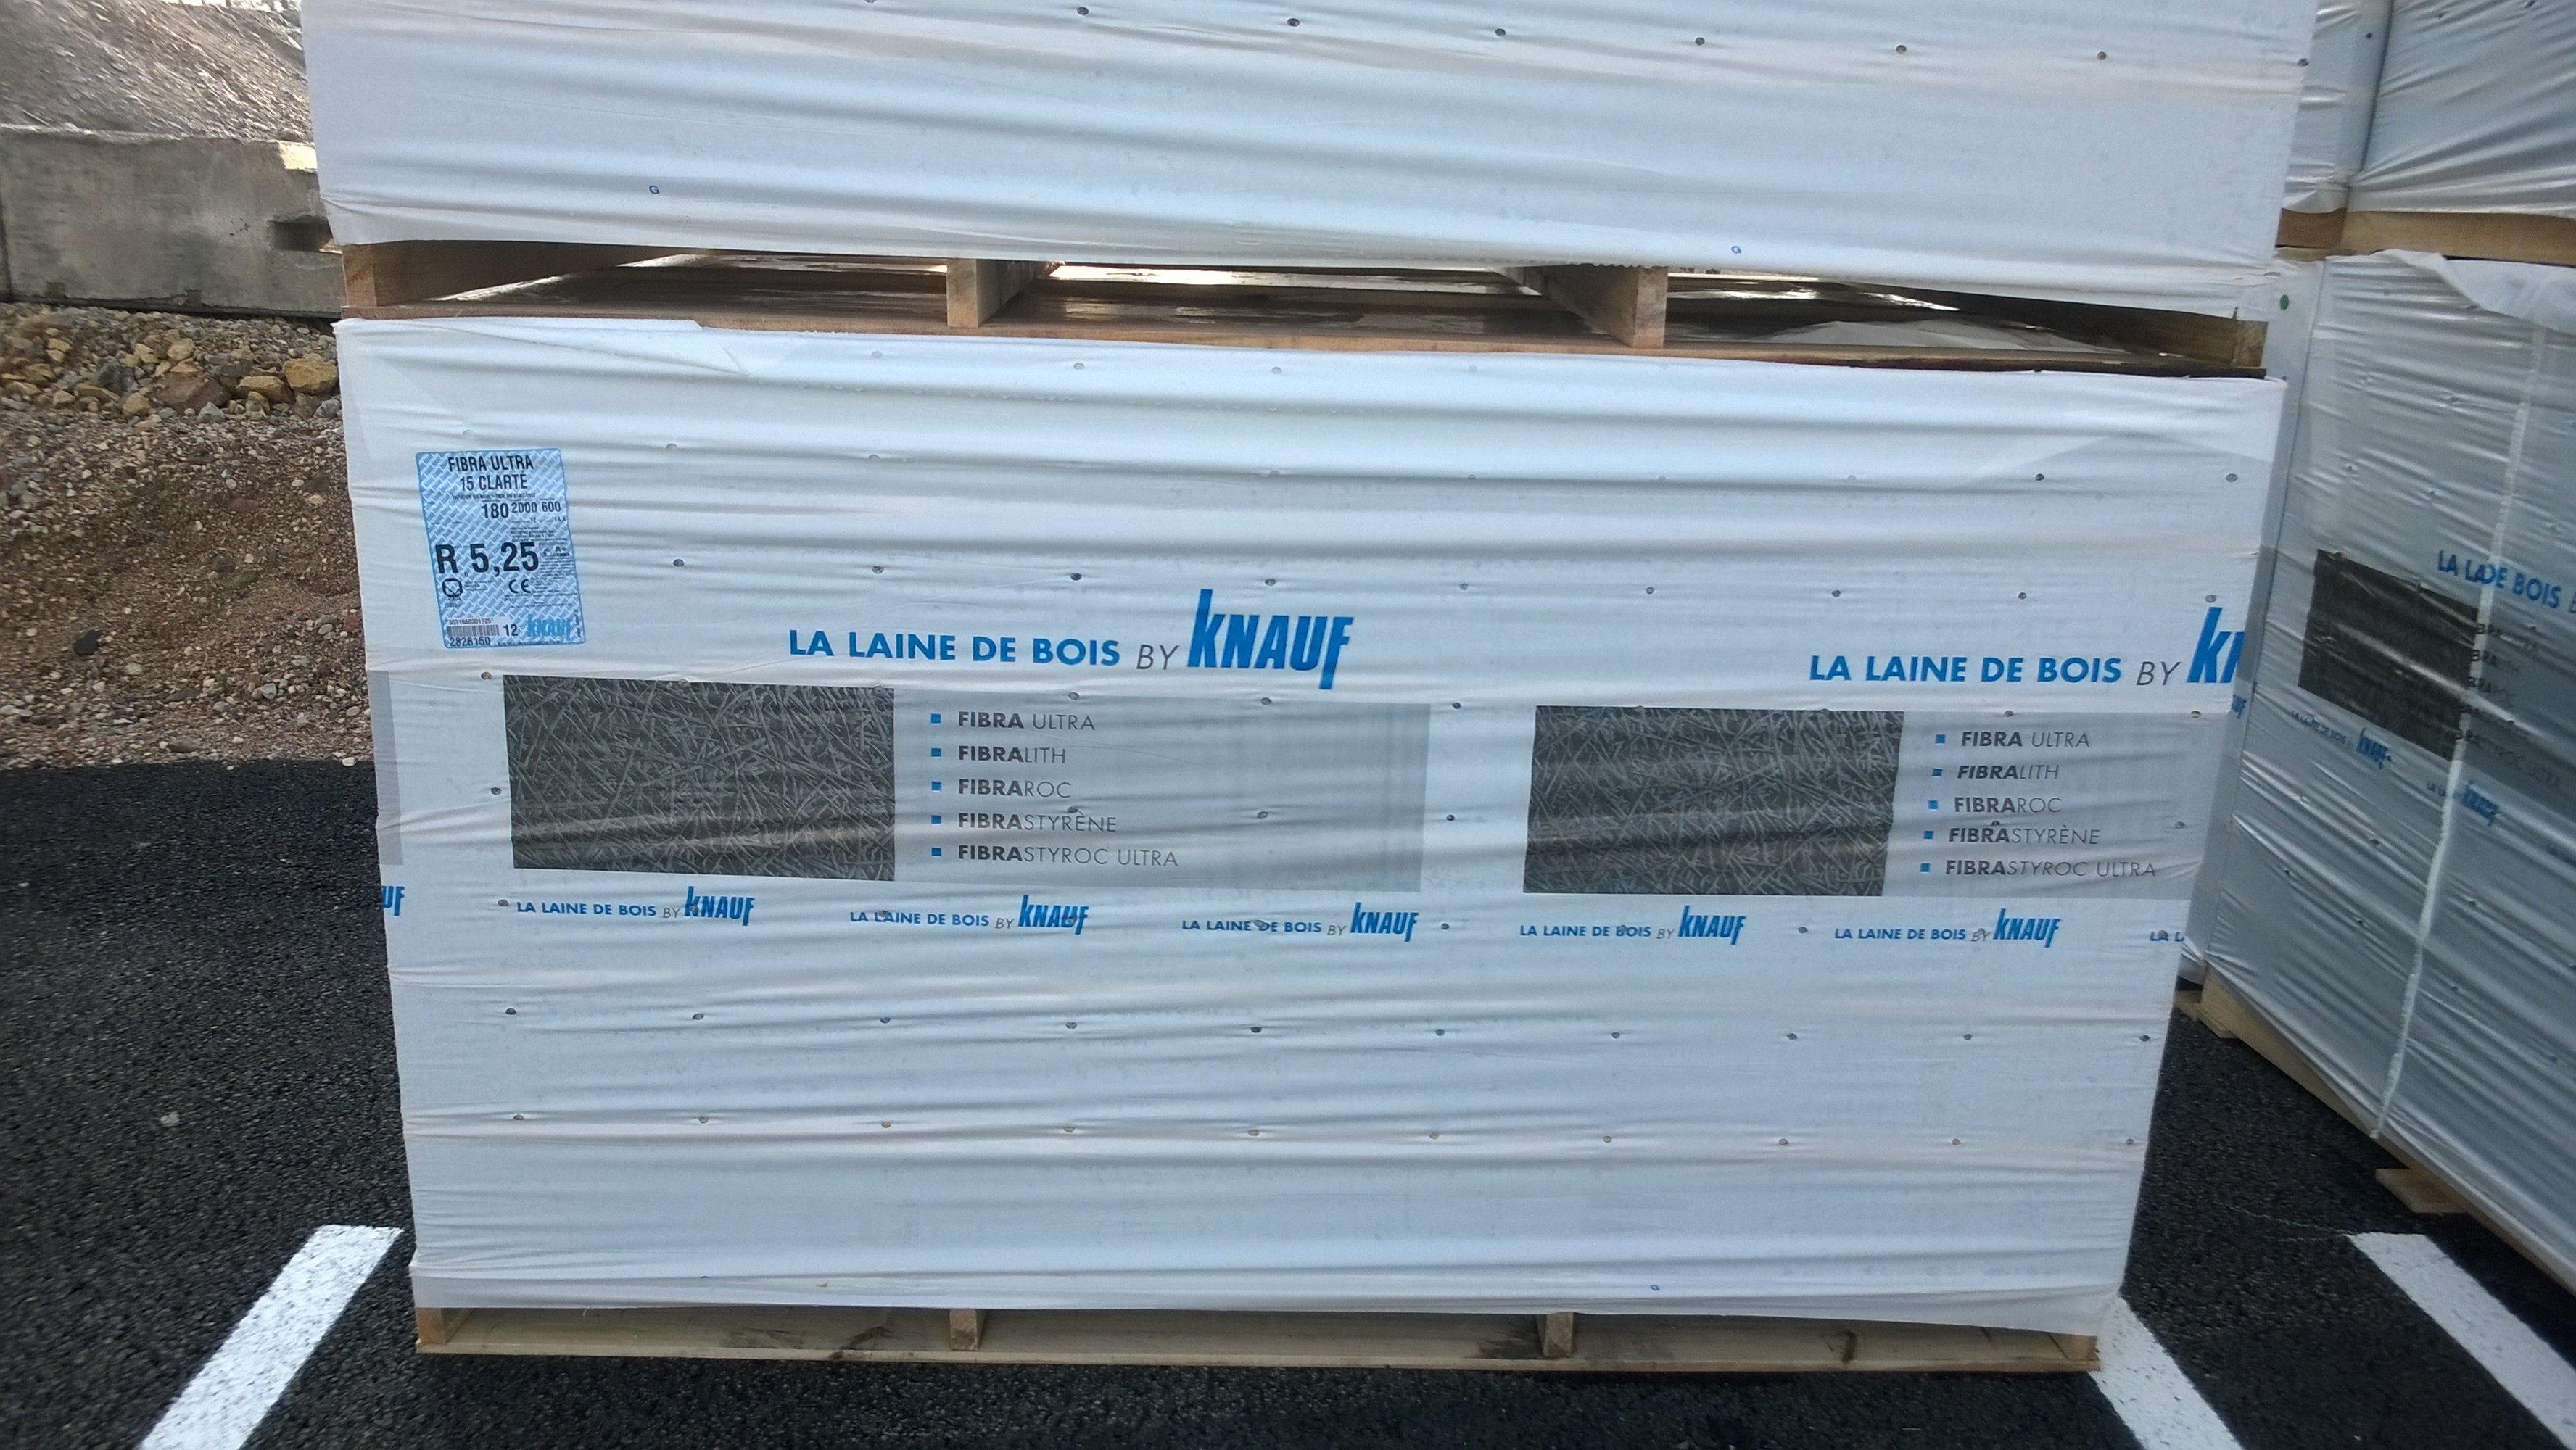 Knauf_panneaux_composite_standard